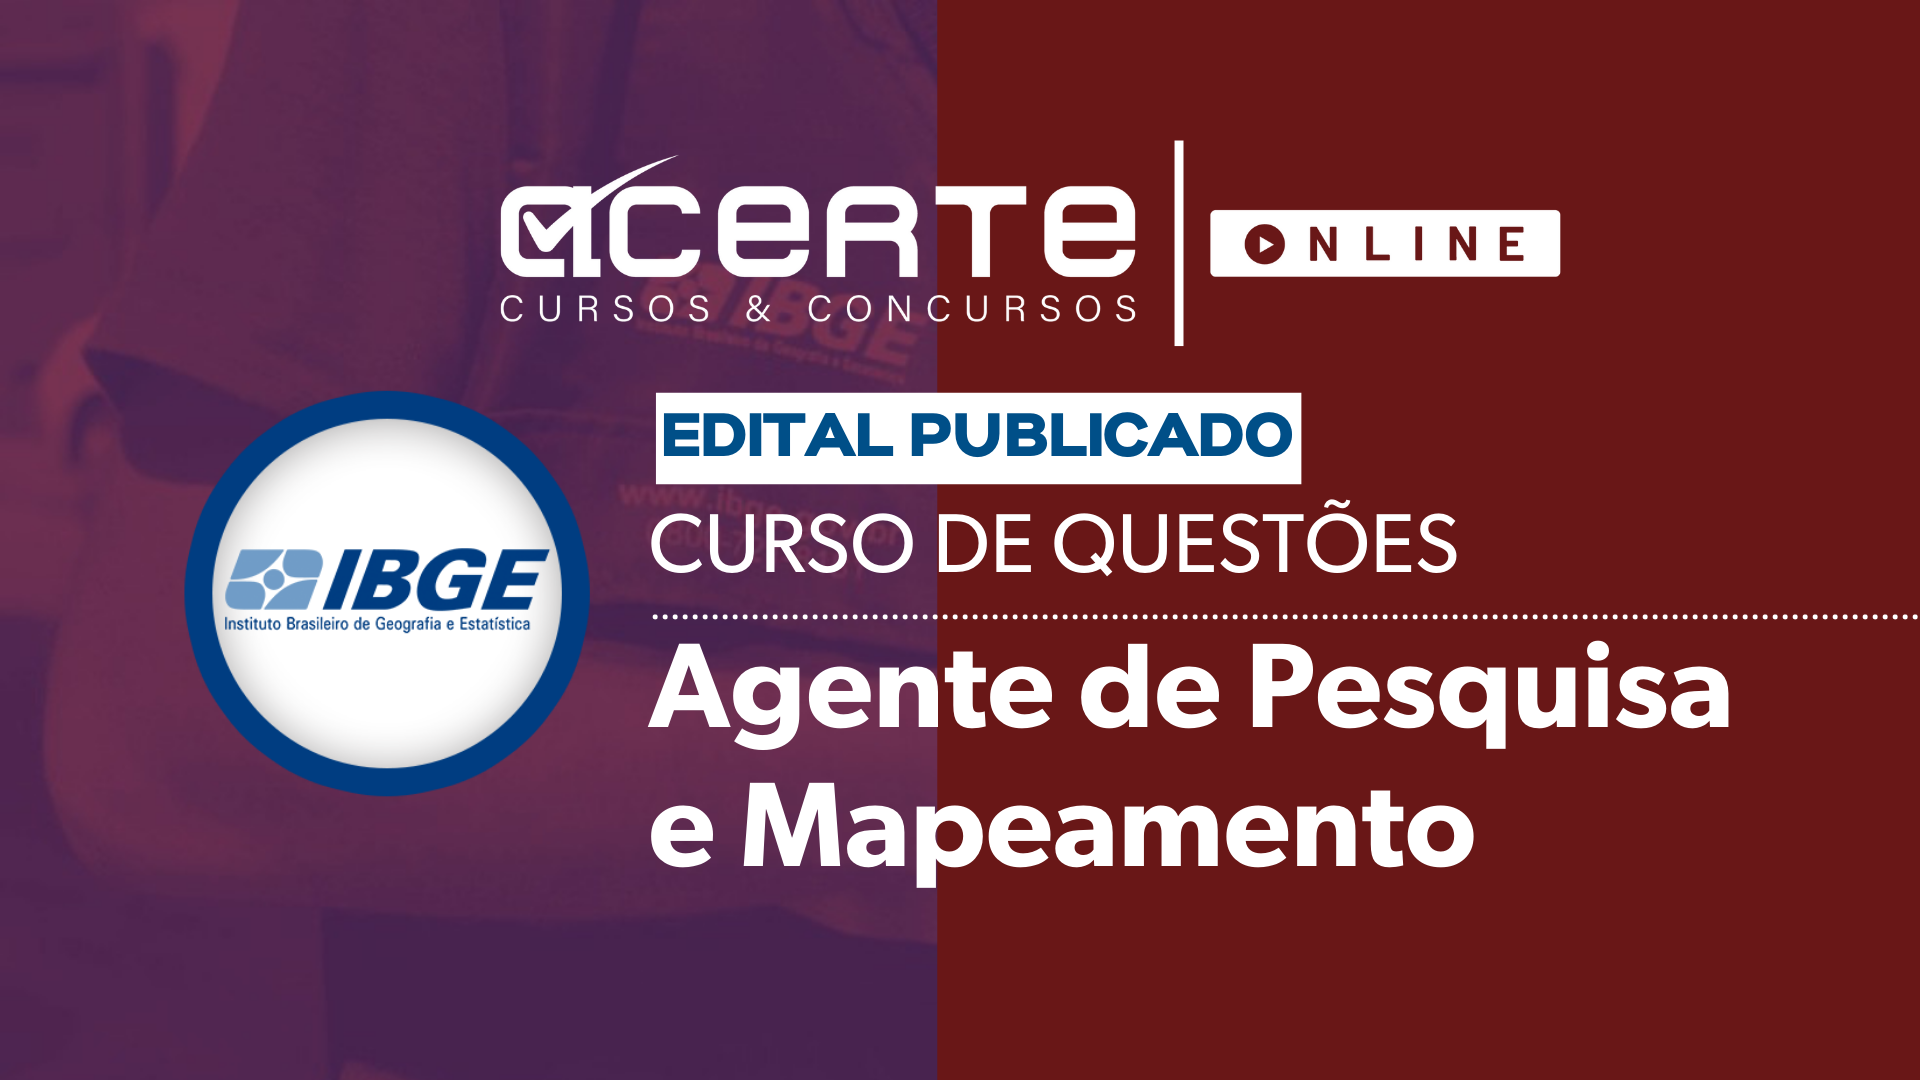 Questões - IBGE - Agente de Pesquisas e Mapeamento